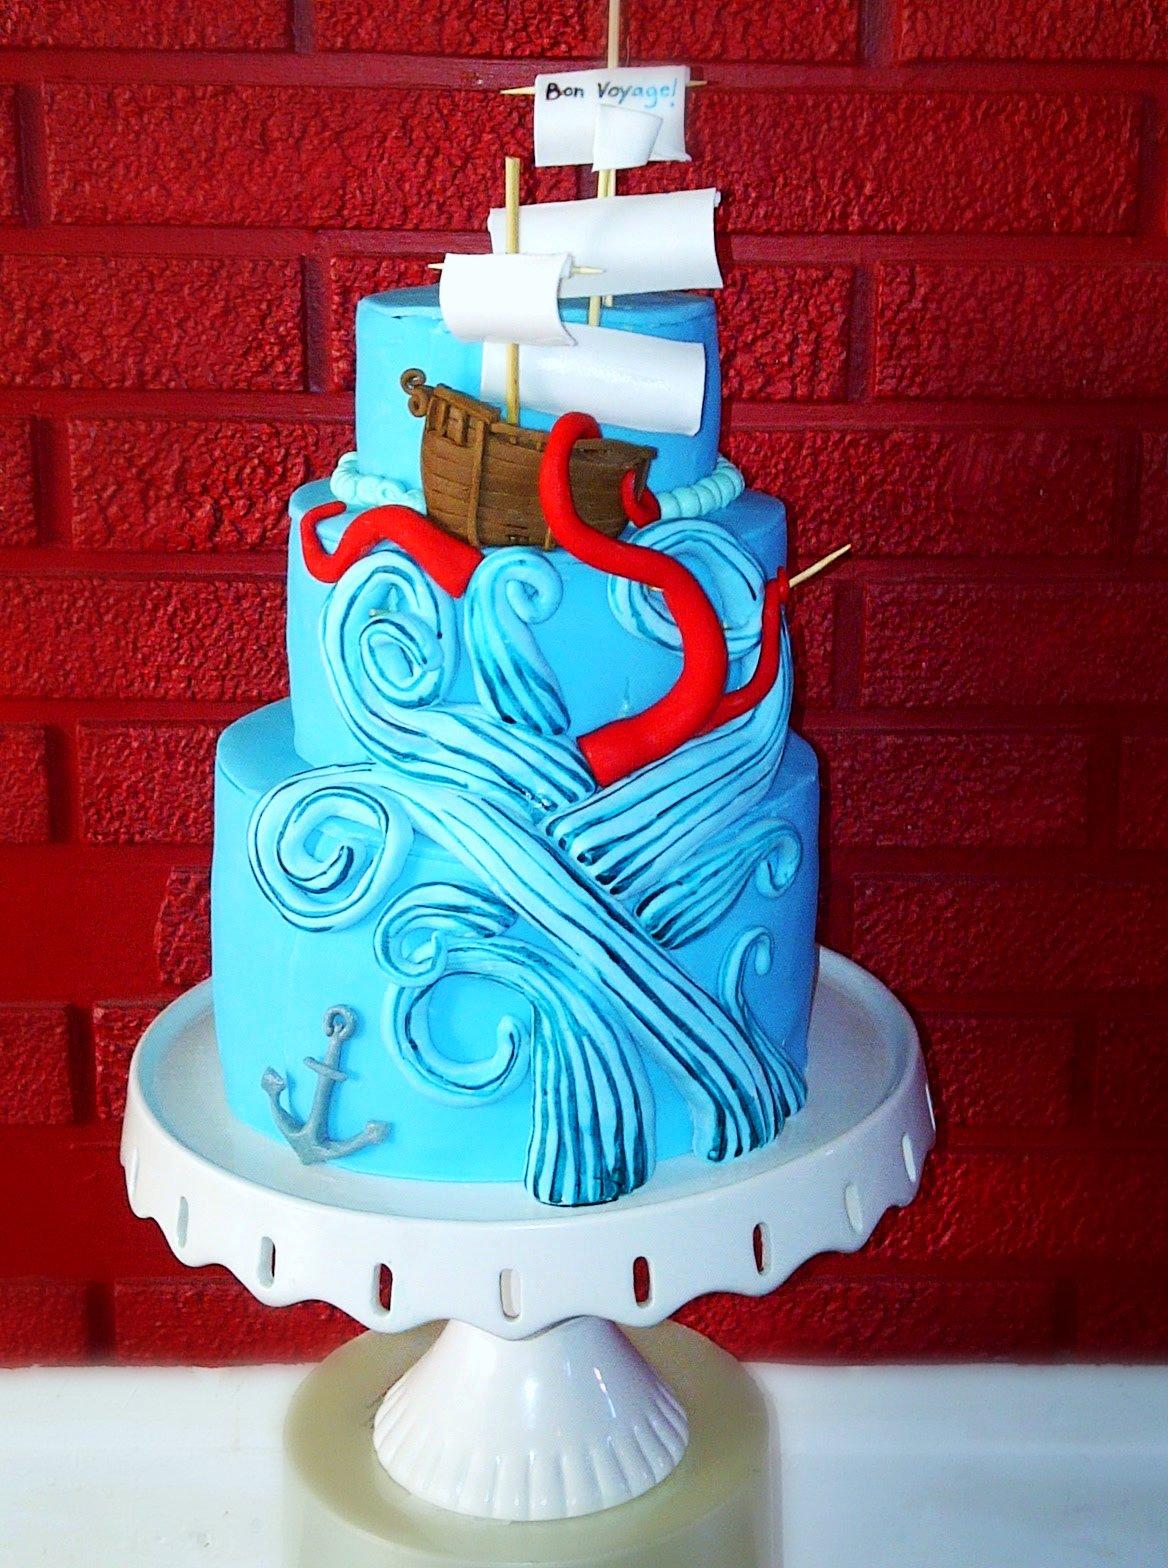 Bon Voyage Cake Design